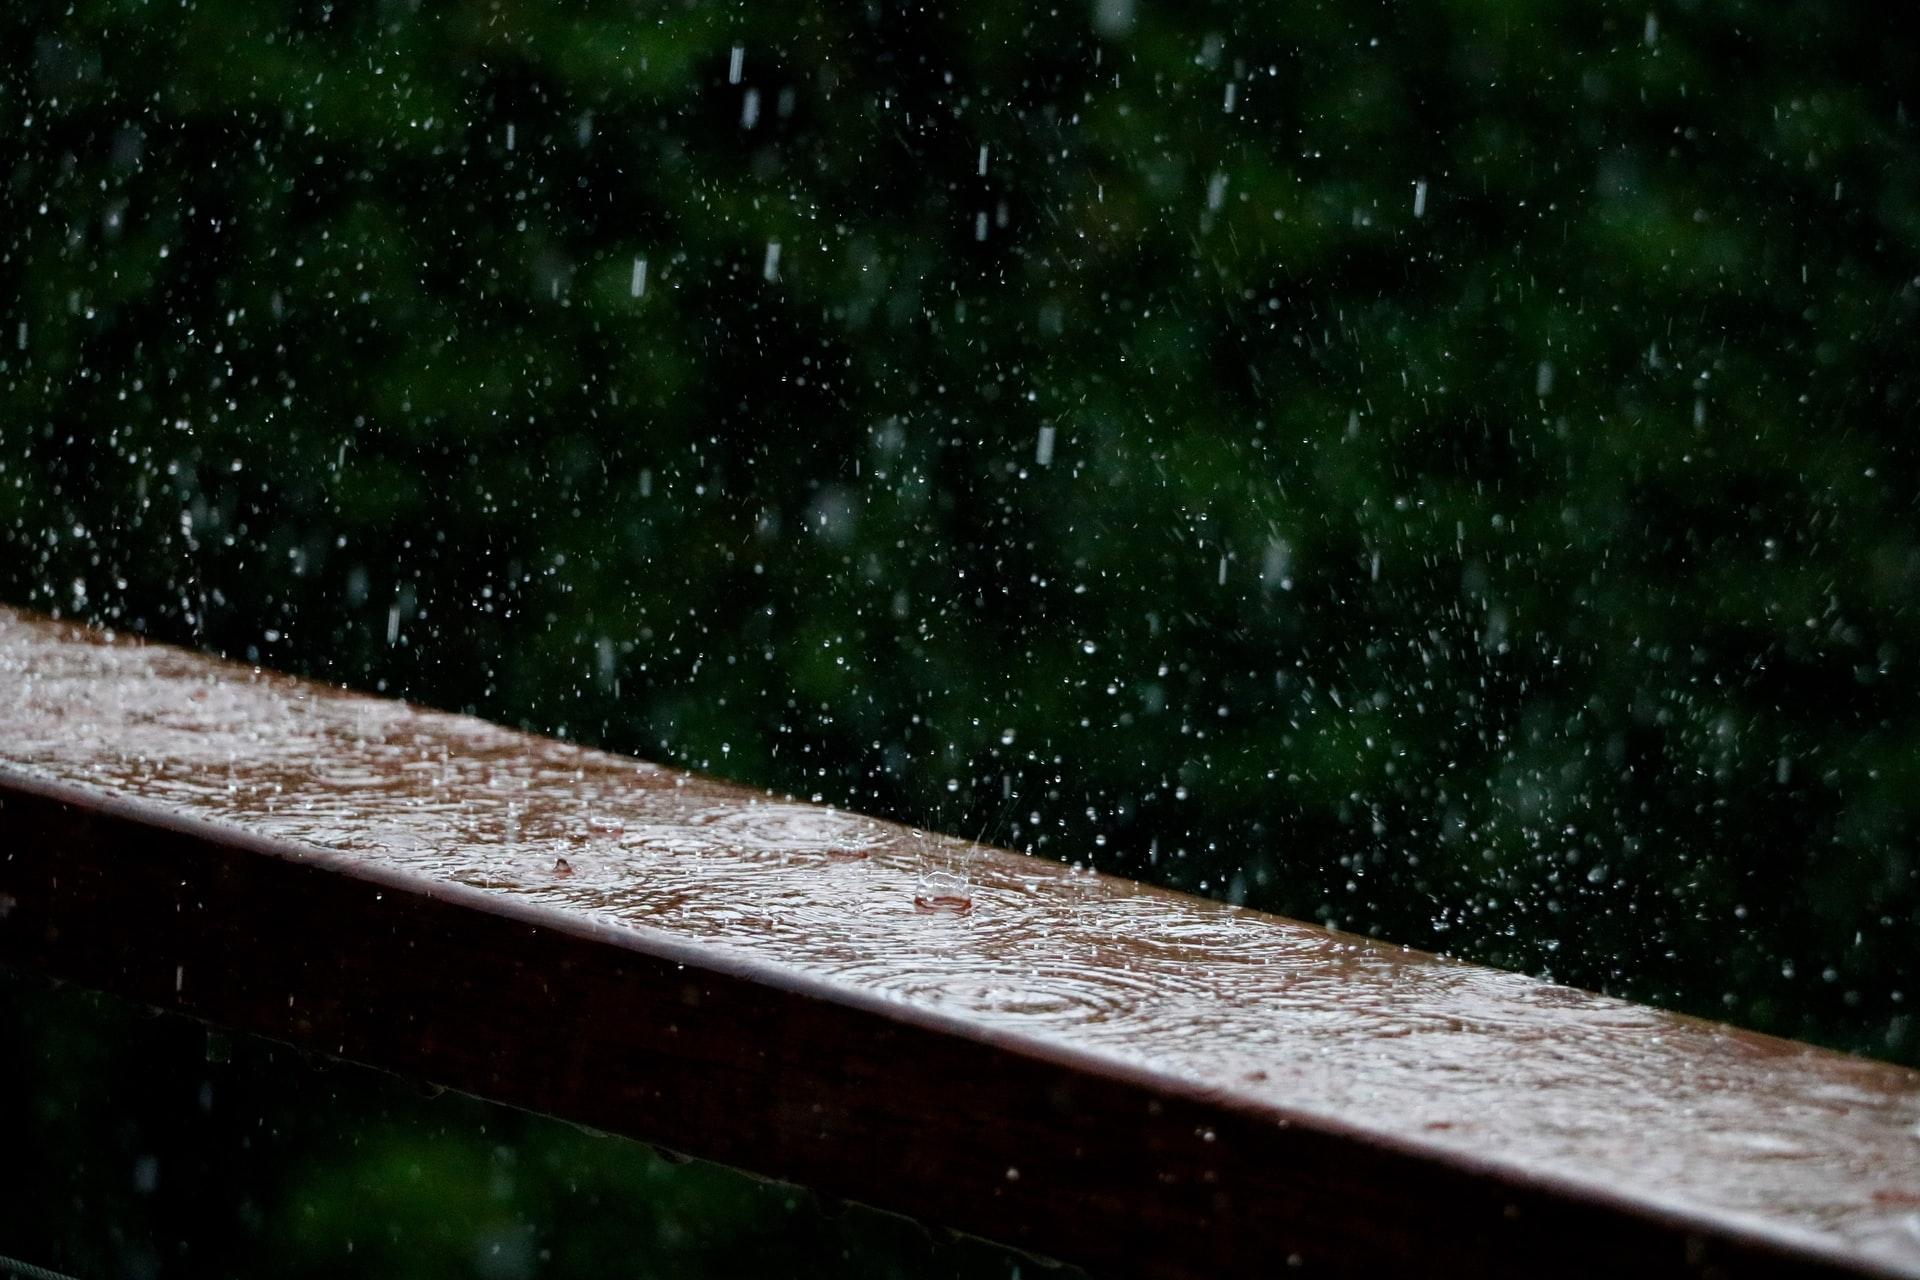 Privathaushalt – Wofür lässt sich das Regenwasser nutzen